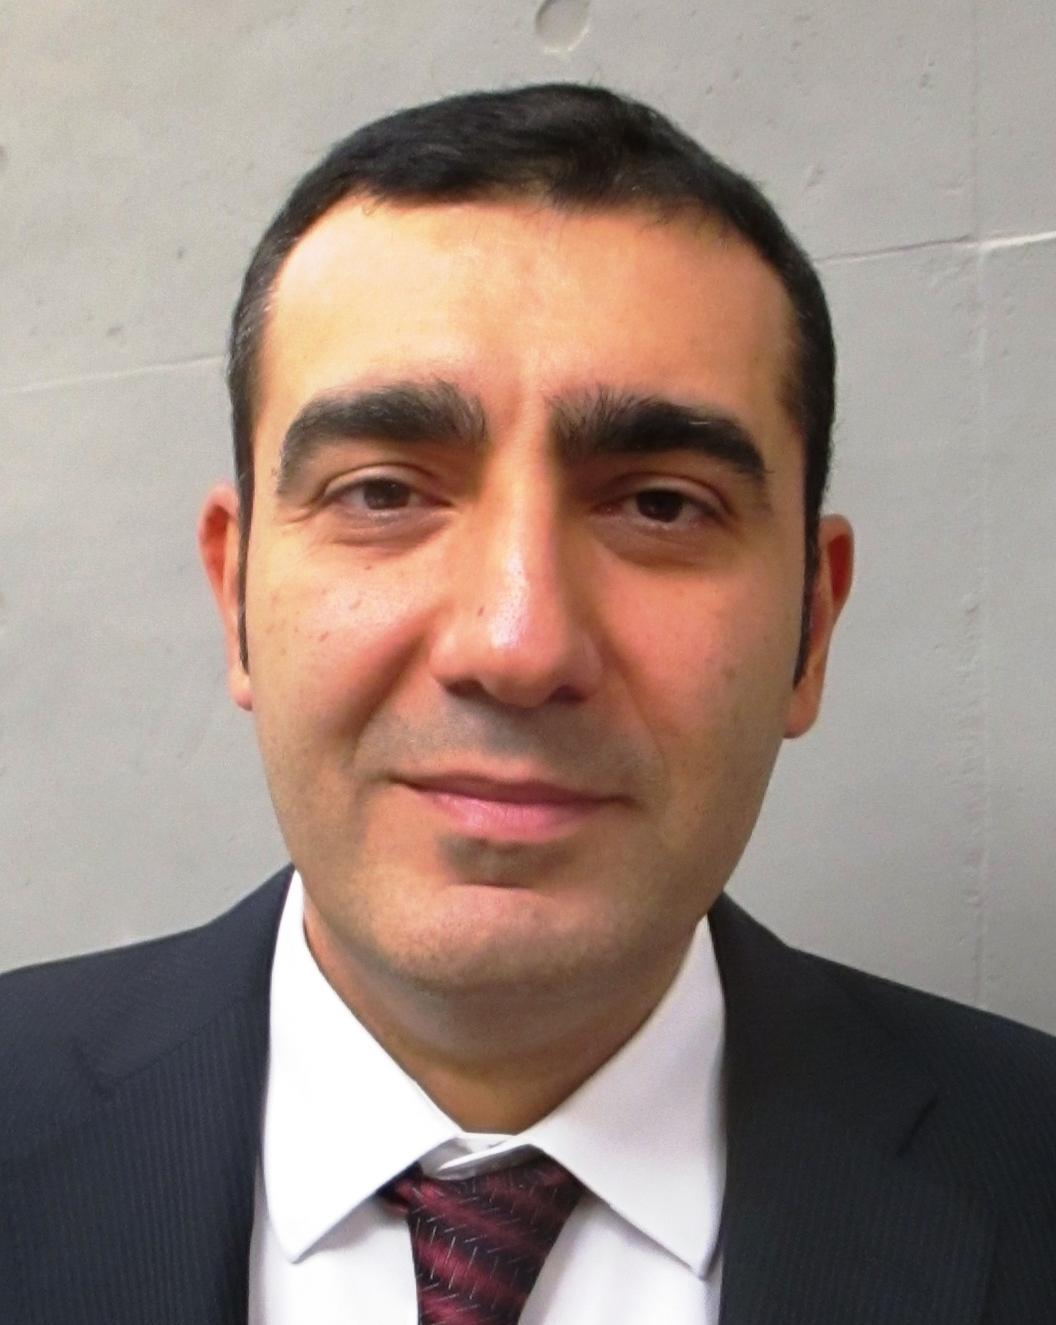 Yavuz Eroglu Pagev - ассоциация, которая помогла мальчику в полиэтиленовом пакете Месси